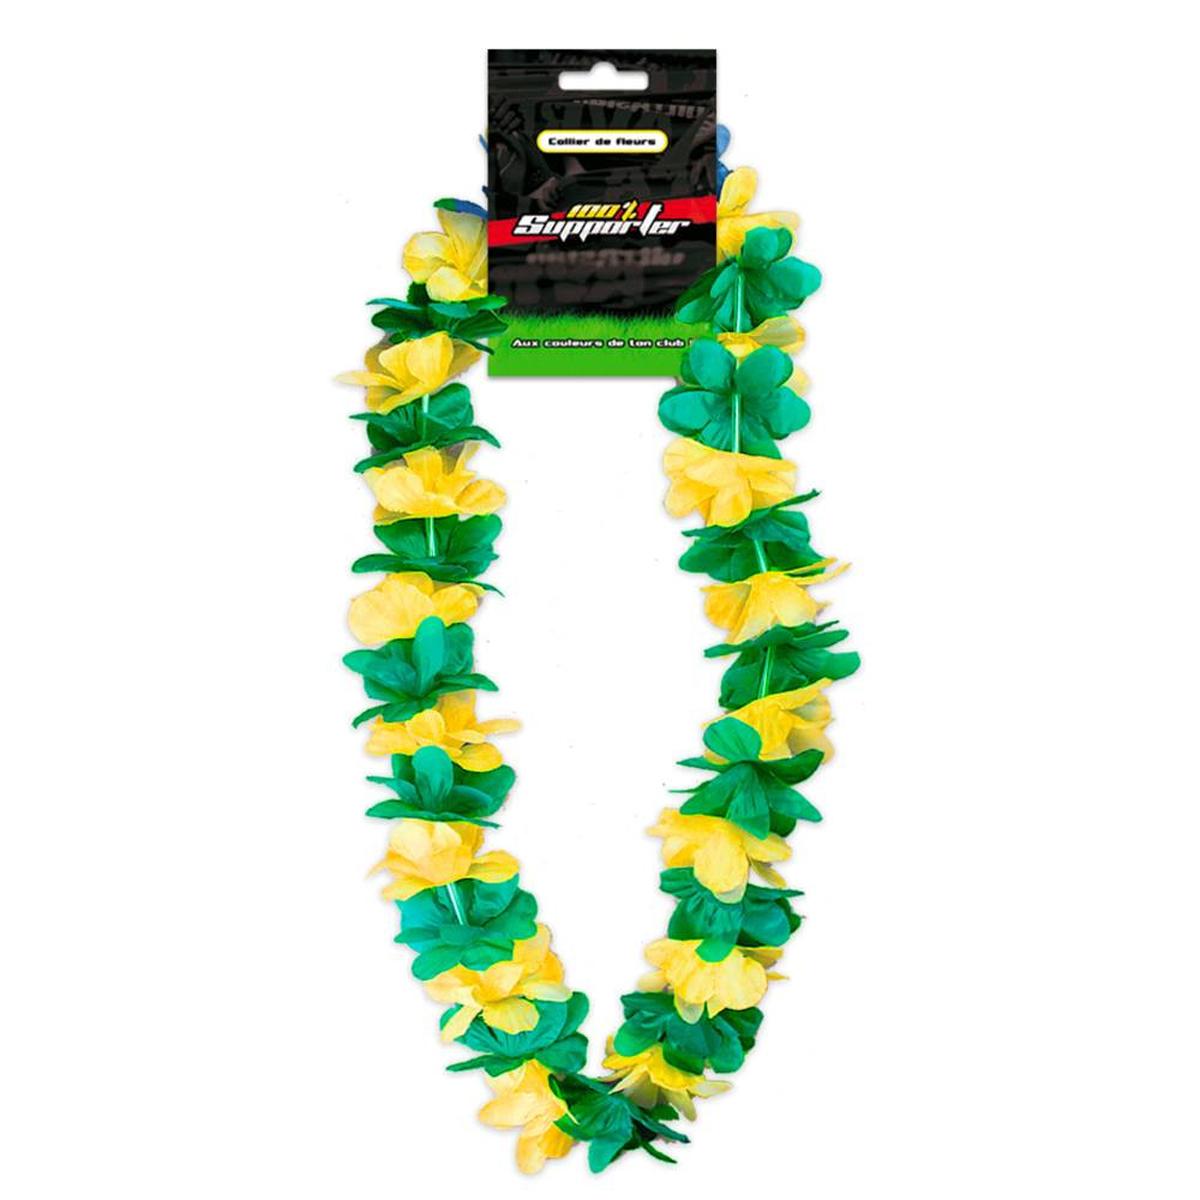 Collier de fleurs \'Coloriage\' vert jaune (supporter) - 50 cm - [Q7178]